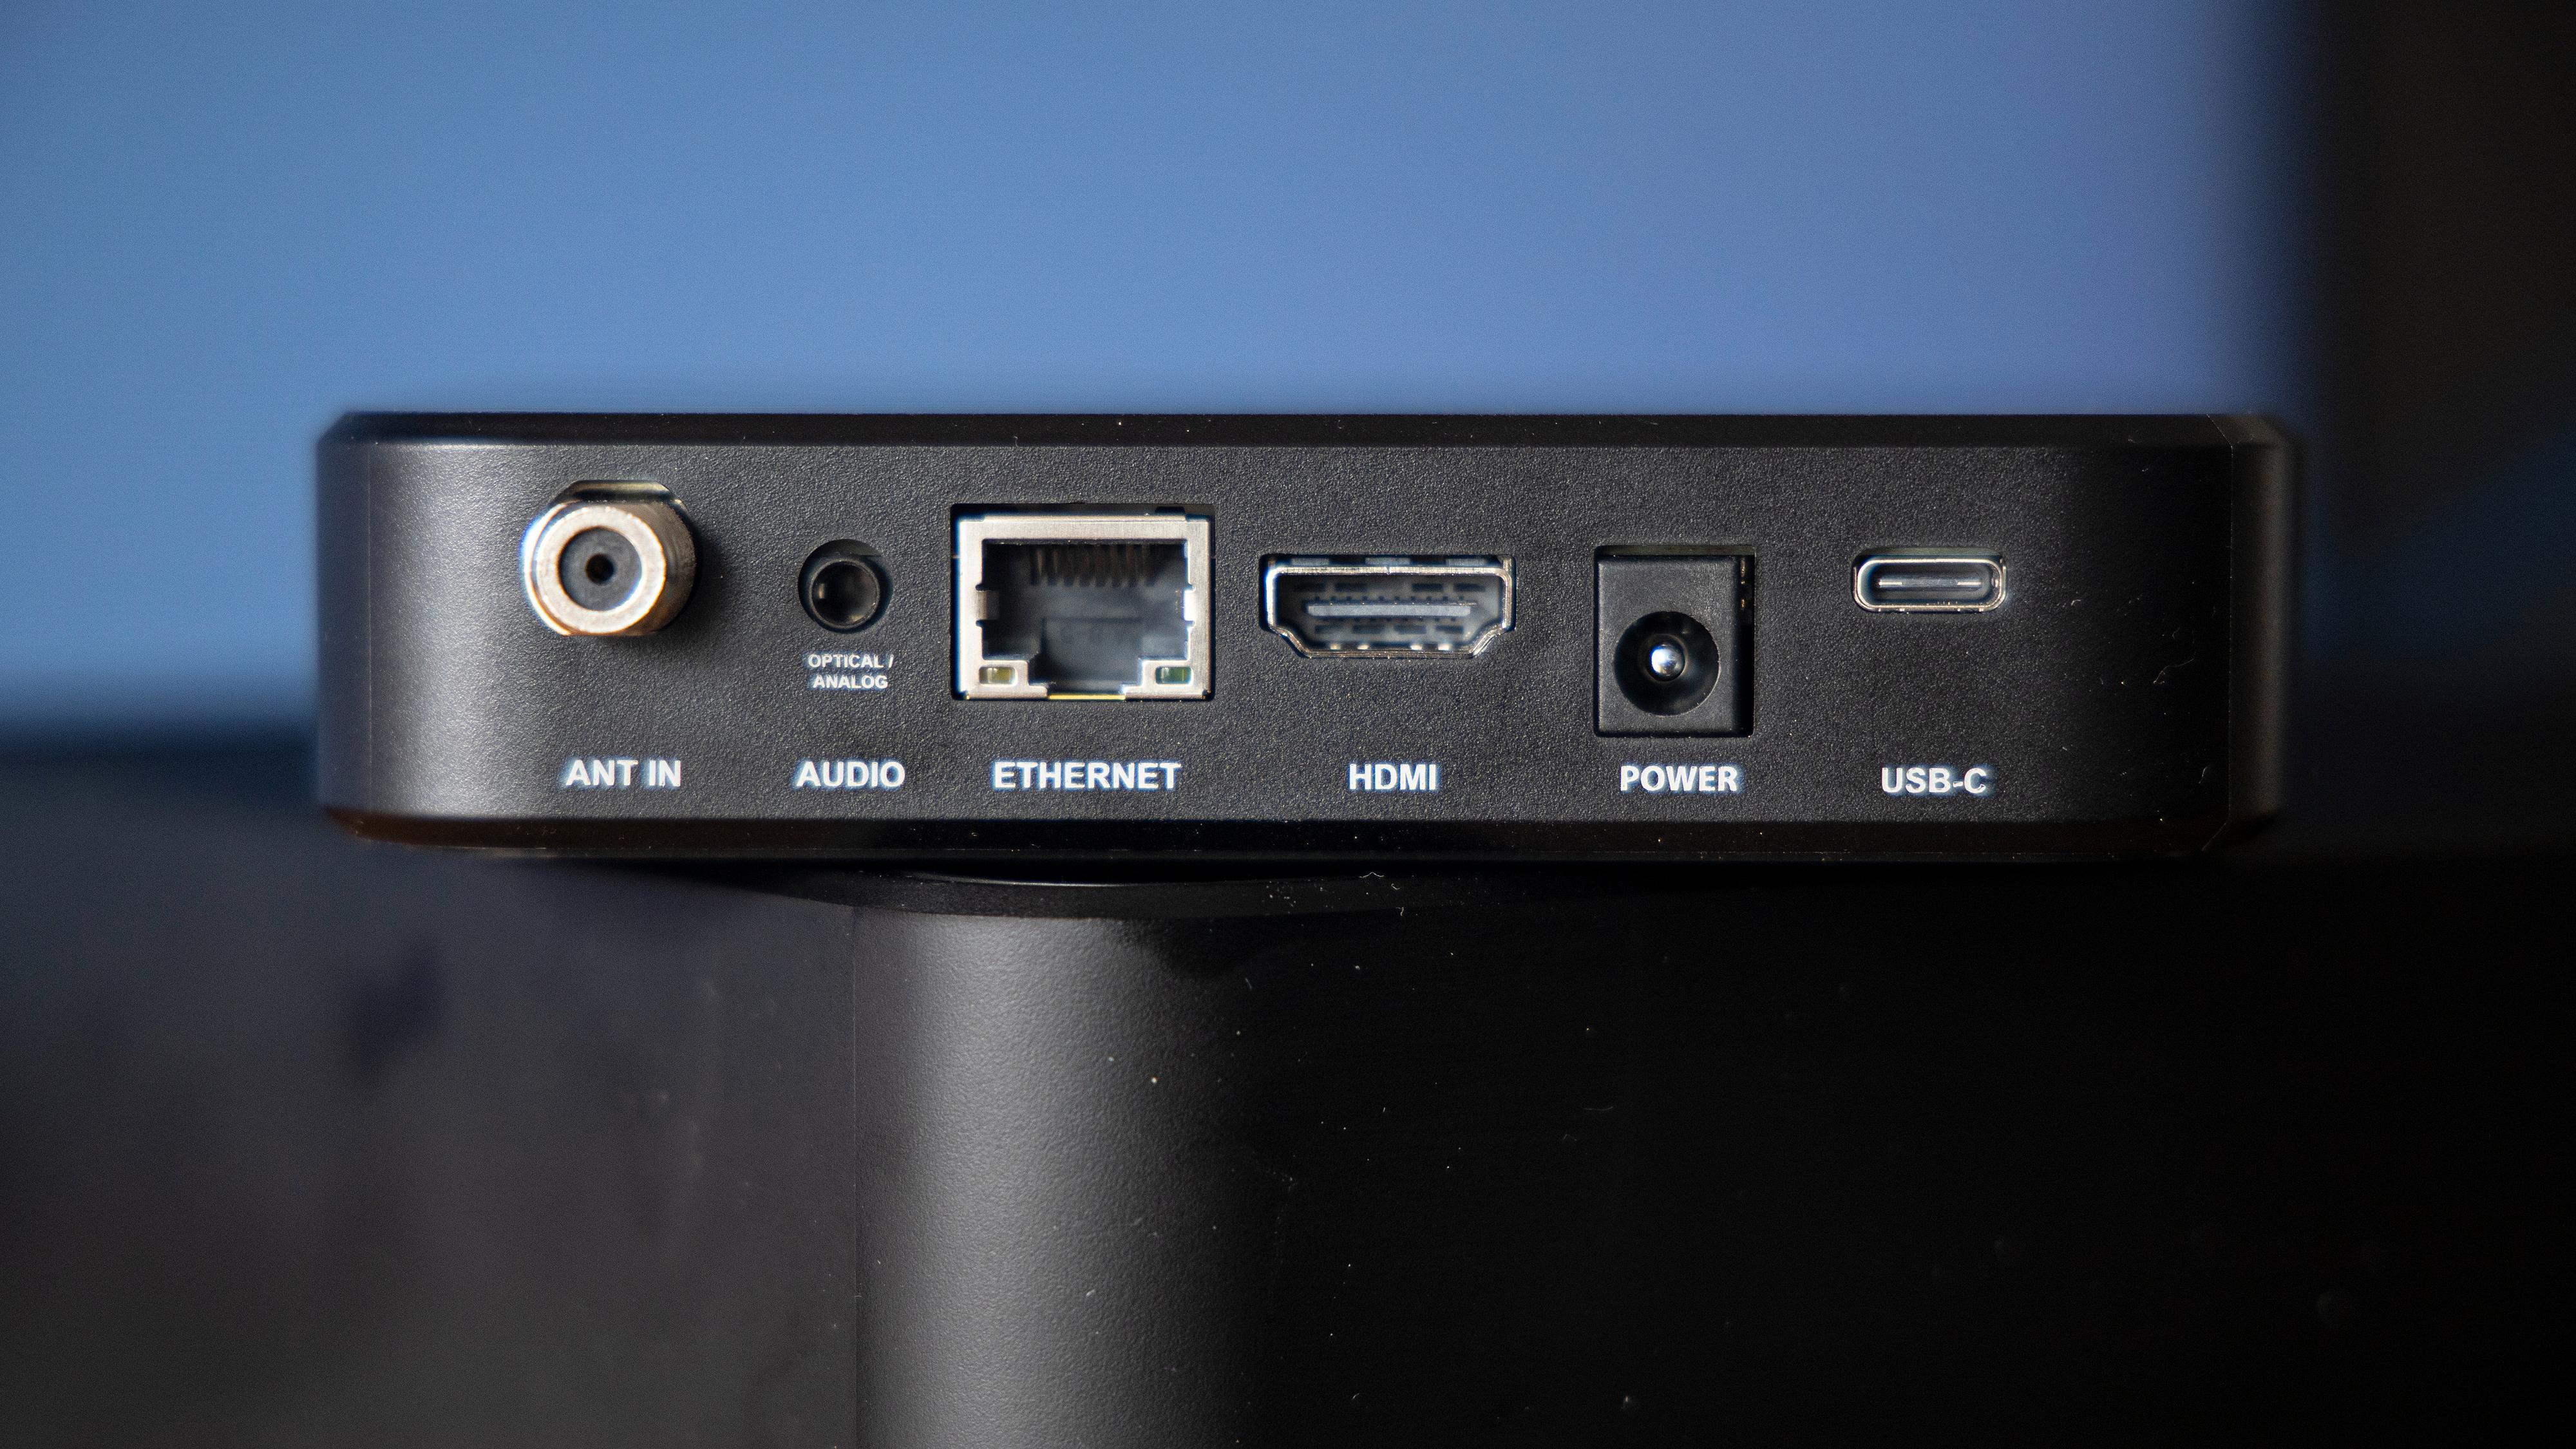 Bak finner vi antenneinngang, optisk/analog lyd, ethernet, HDMI, strøm og en USB-port.